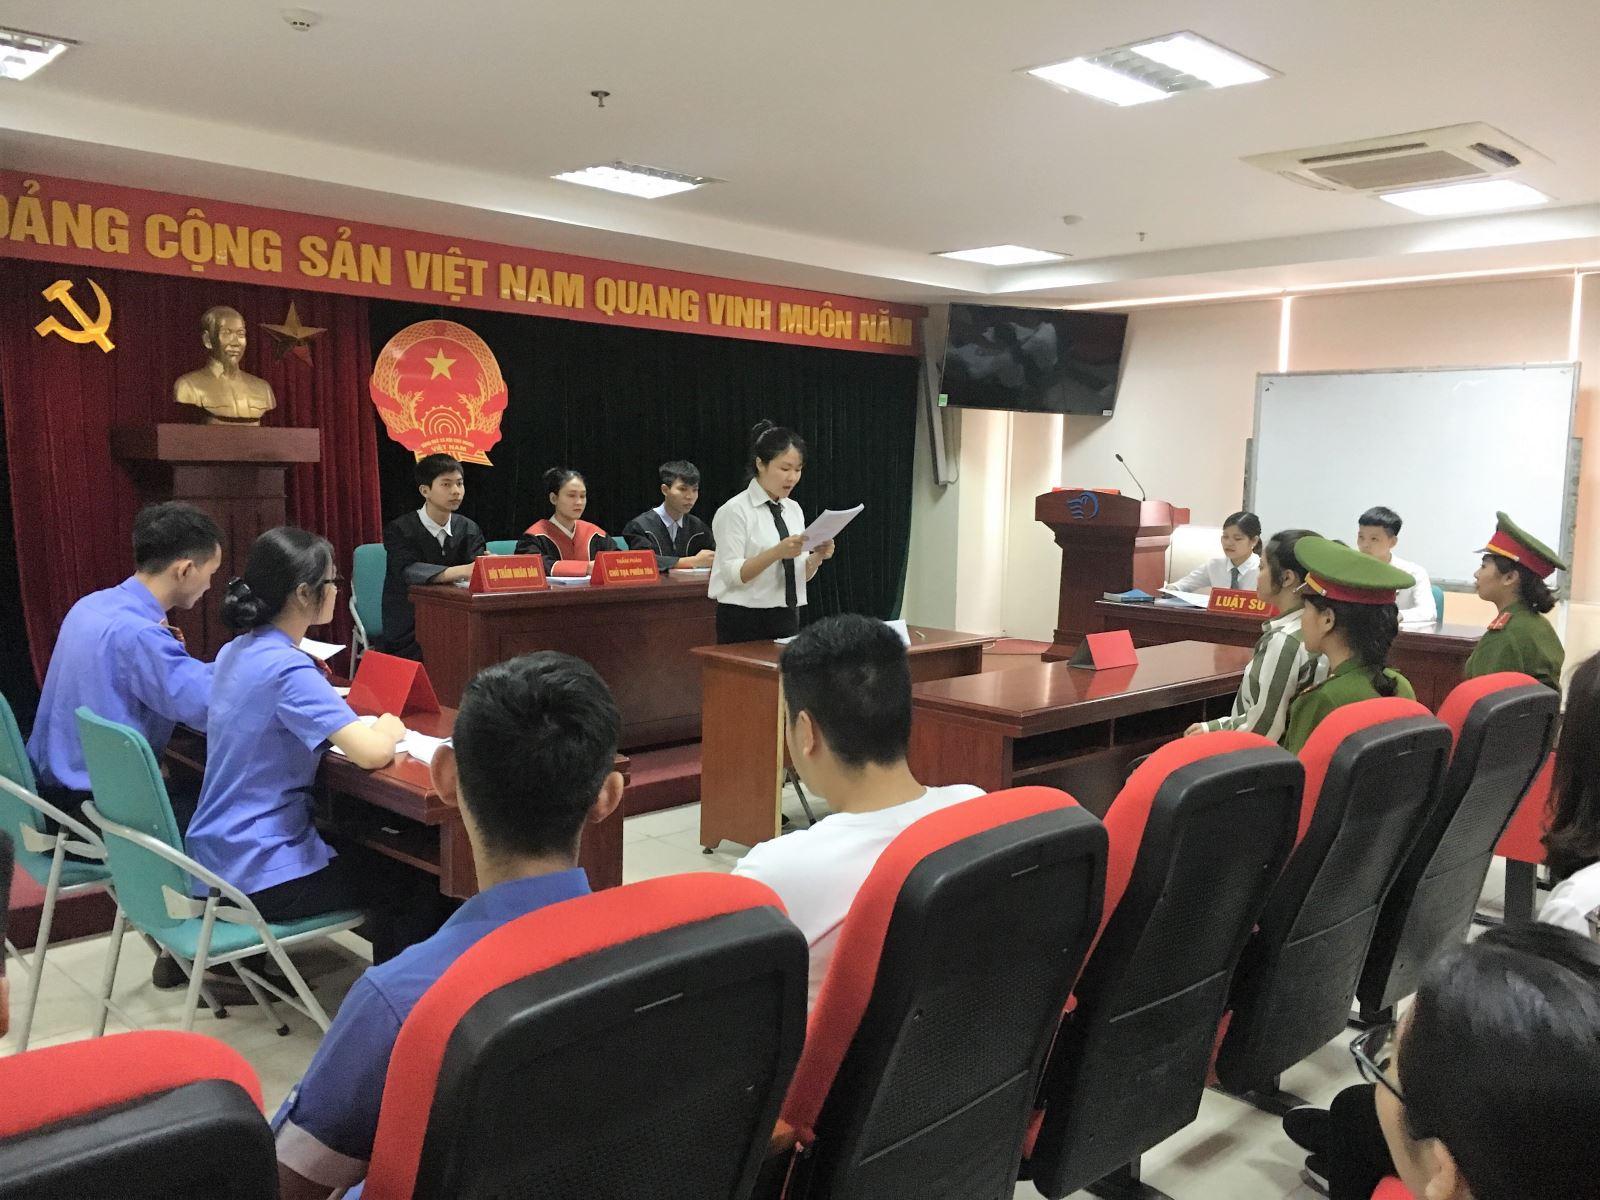 Khoa Luật, Học viện Phụ nữ Việt nam và cơ hội việc làm đối với  những người hành nghề luật